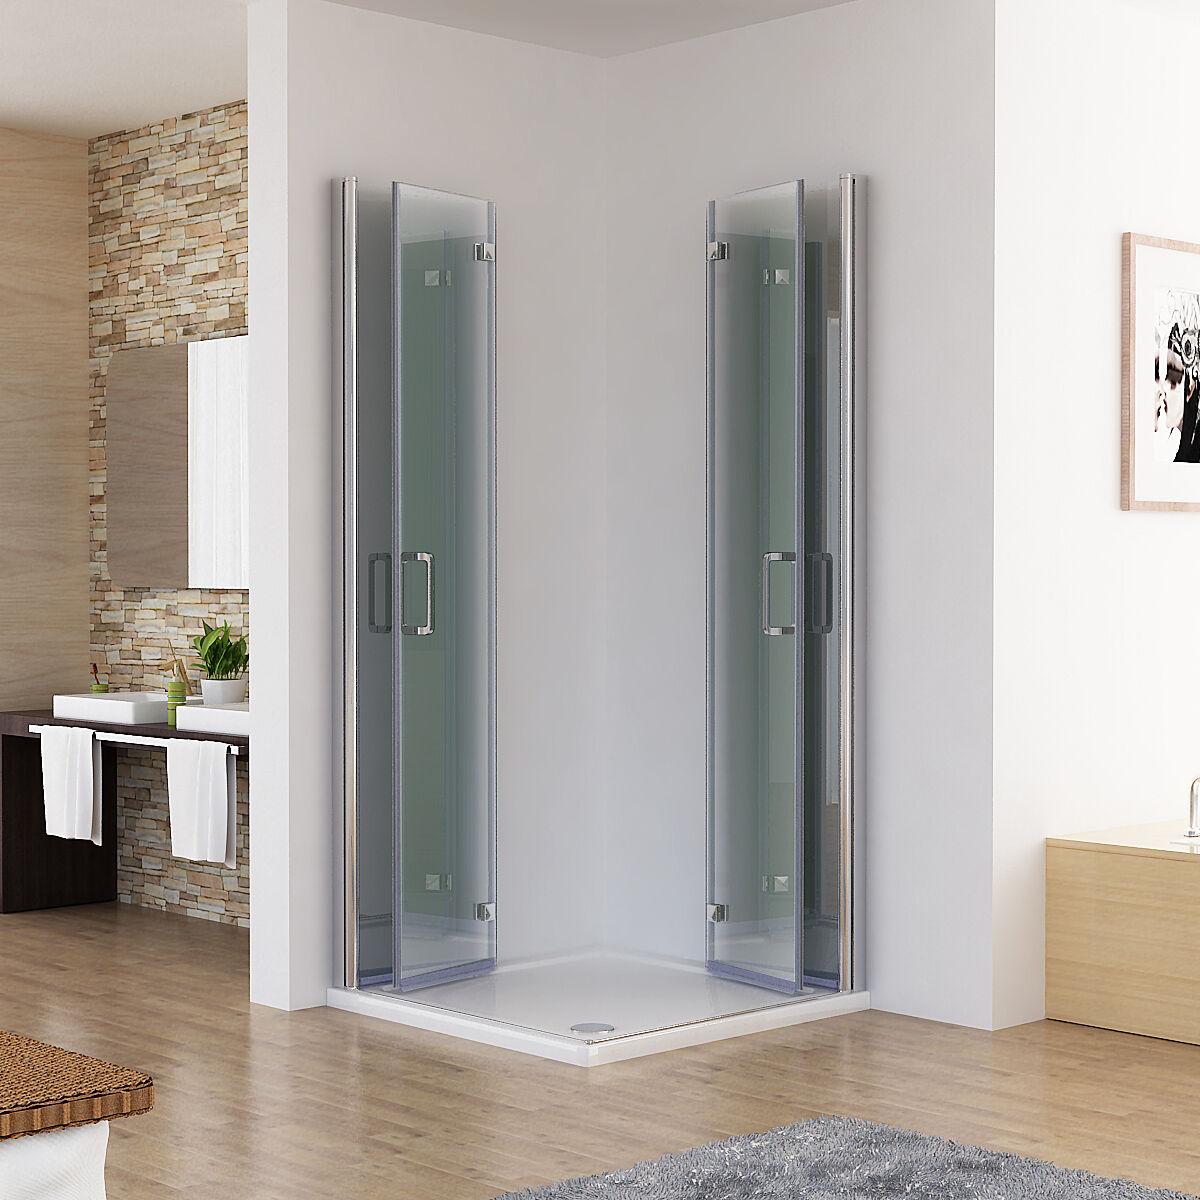 Falttür Dusche Kunststoff : duschkabine eckeinstieg dusche 180 faltt r duschwand duschabtrennung nano 185cm ebay ~ Frokenaadalensverden.com Haus und Dekorationen